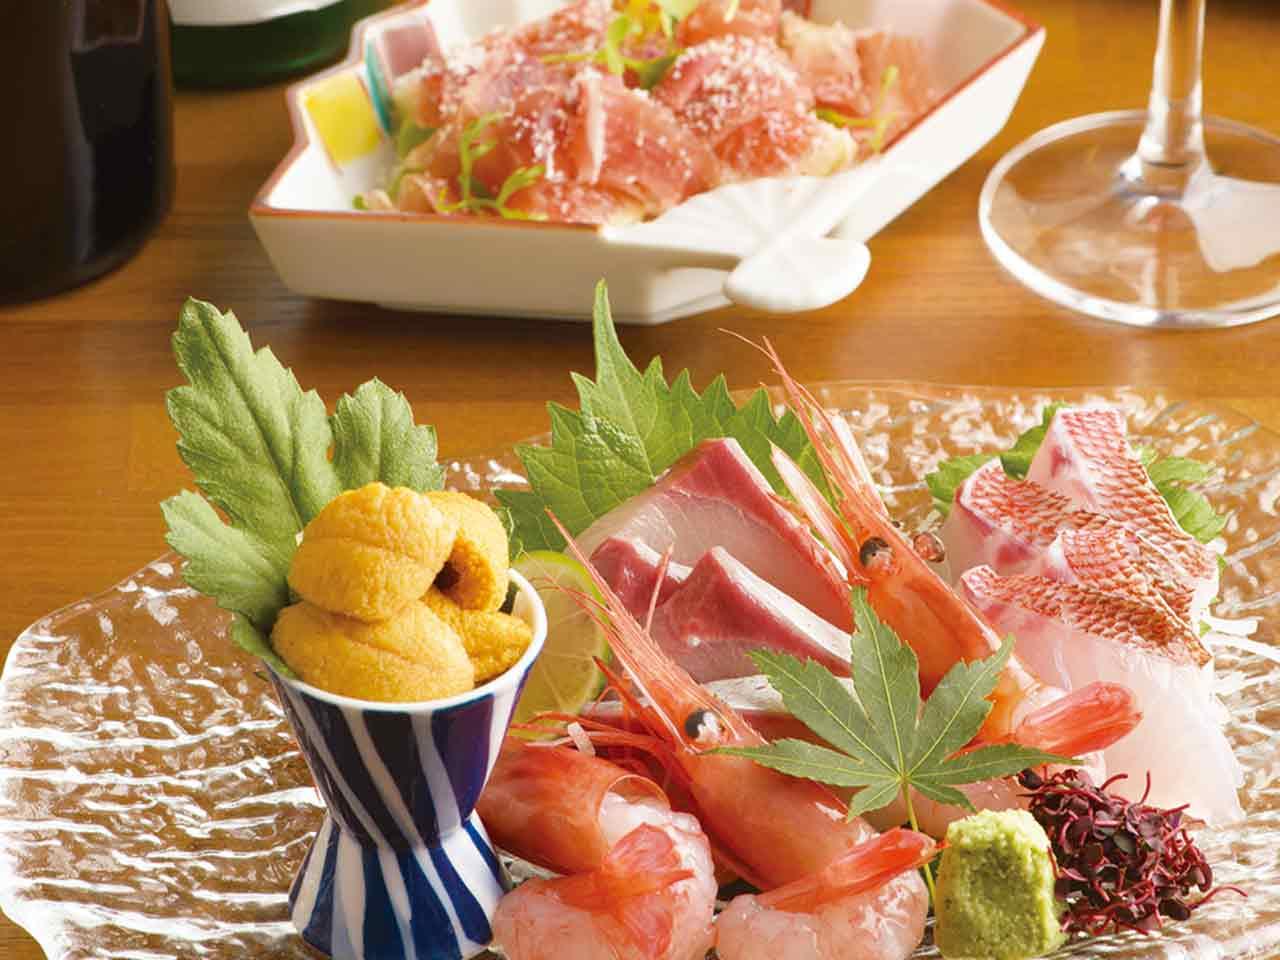 武蔵・柿木畠・せせらぎ通り 秋イベントがおもしろい! この秋まちなかを散策しよう♪